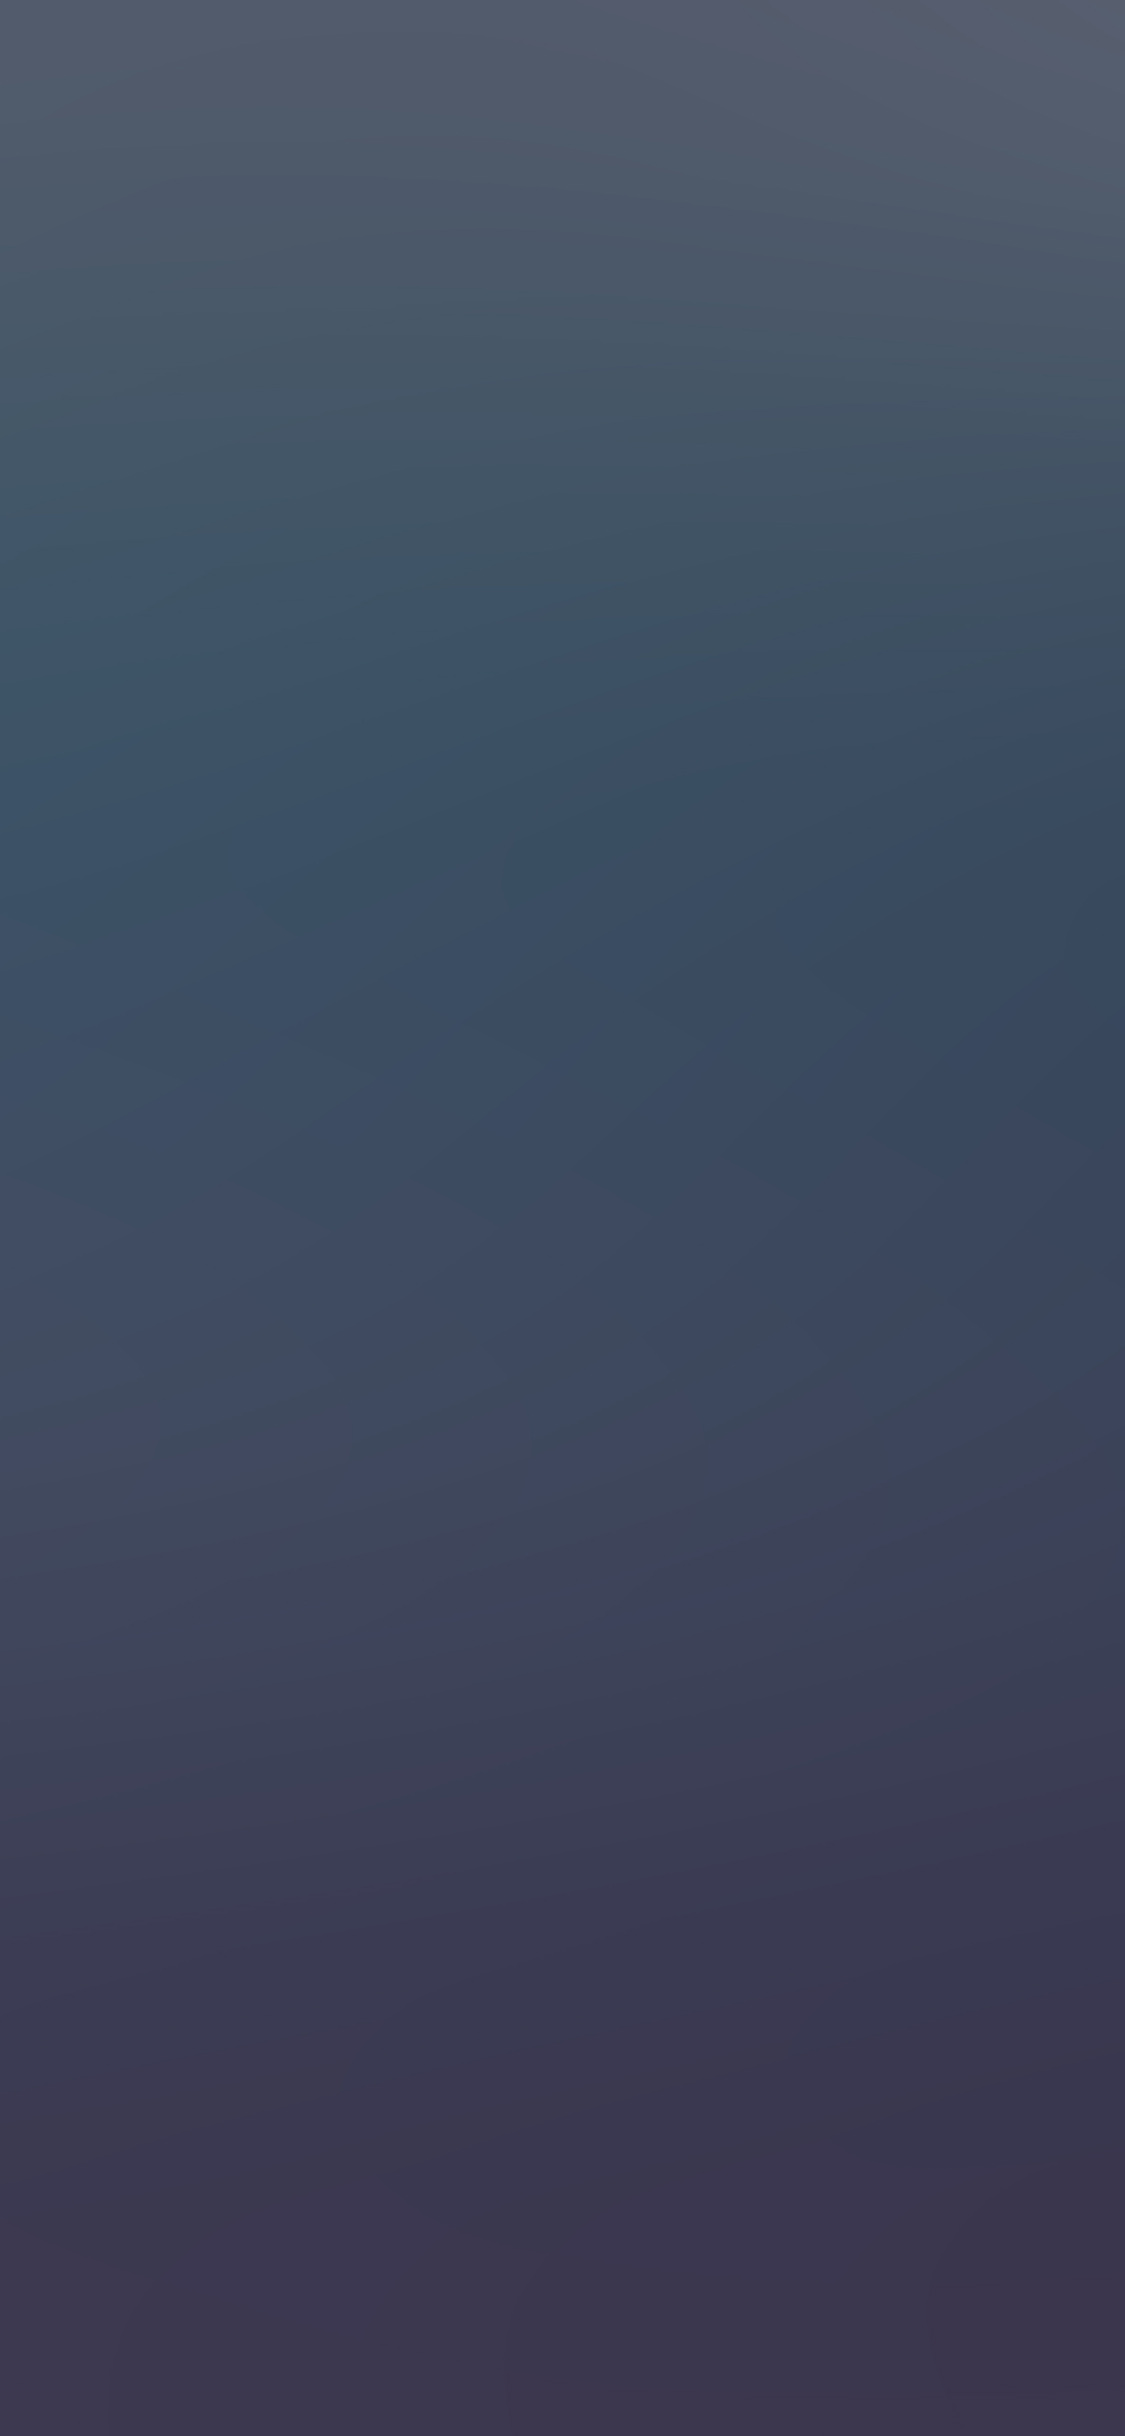 The Best Dark Iphone Wallpaper Blue Background